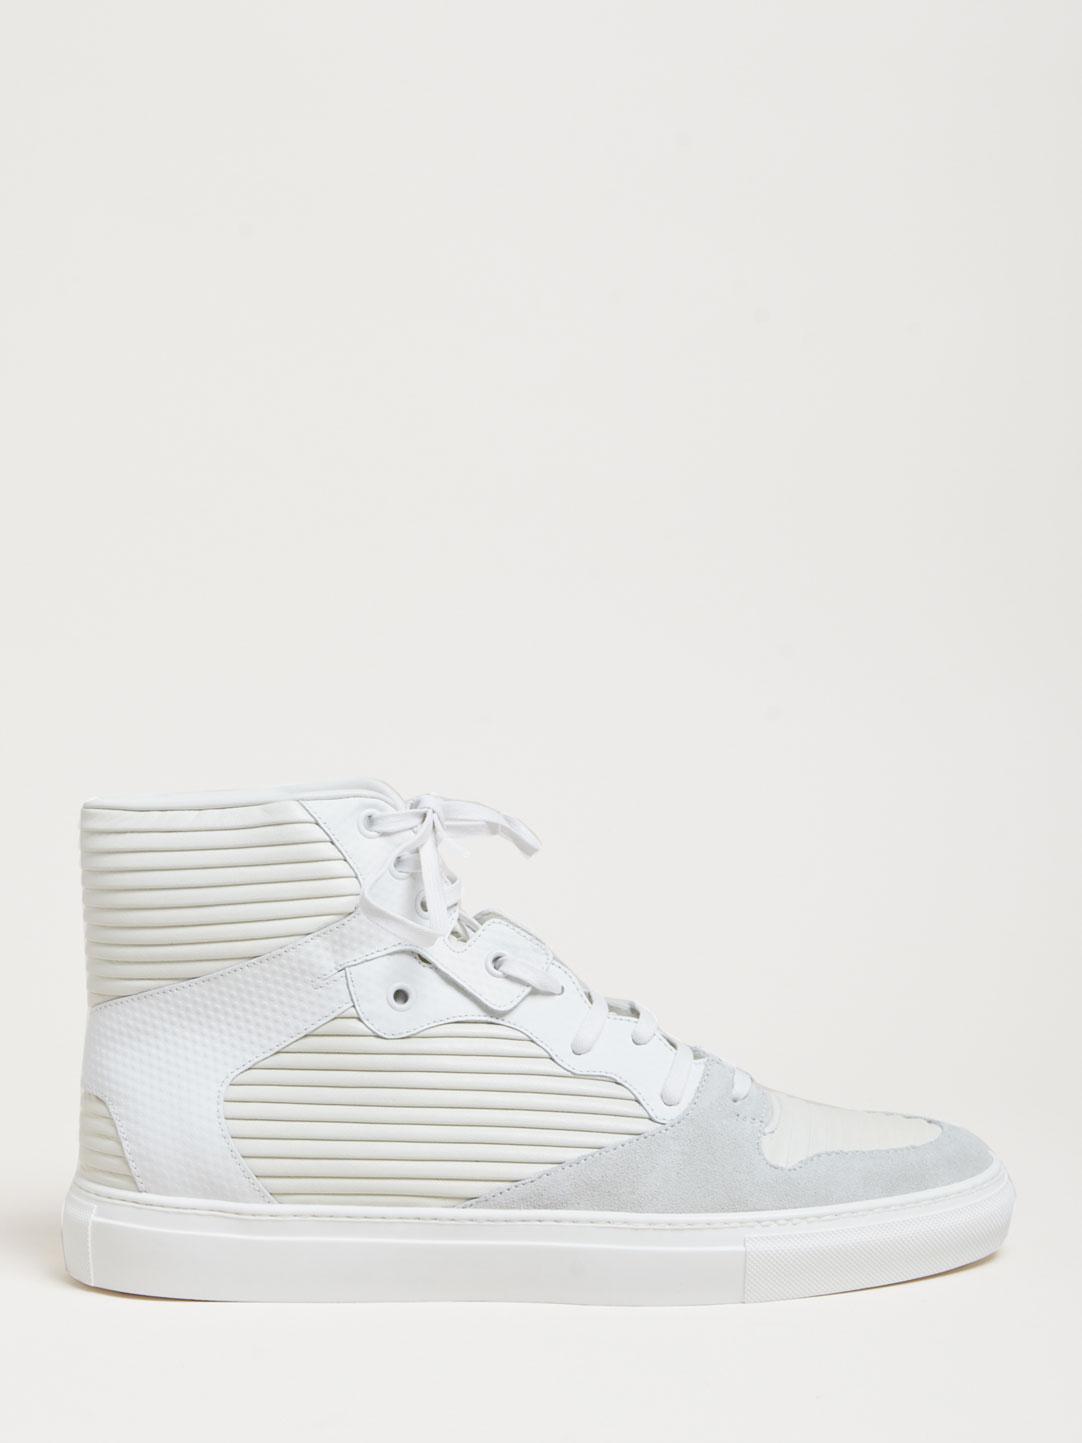 Balenciaga Hi-Top White Sneakers 2